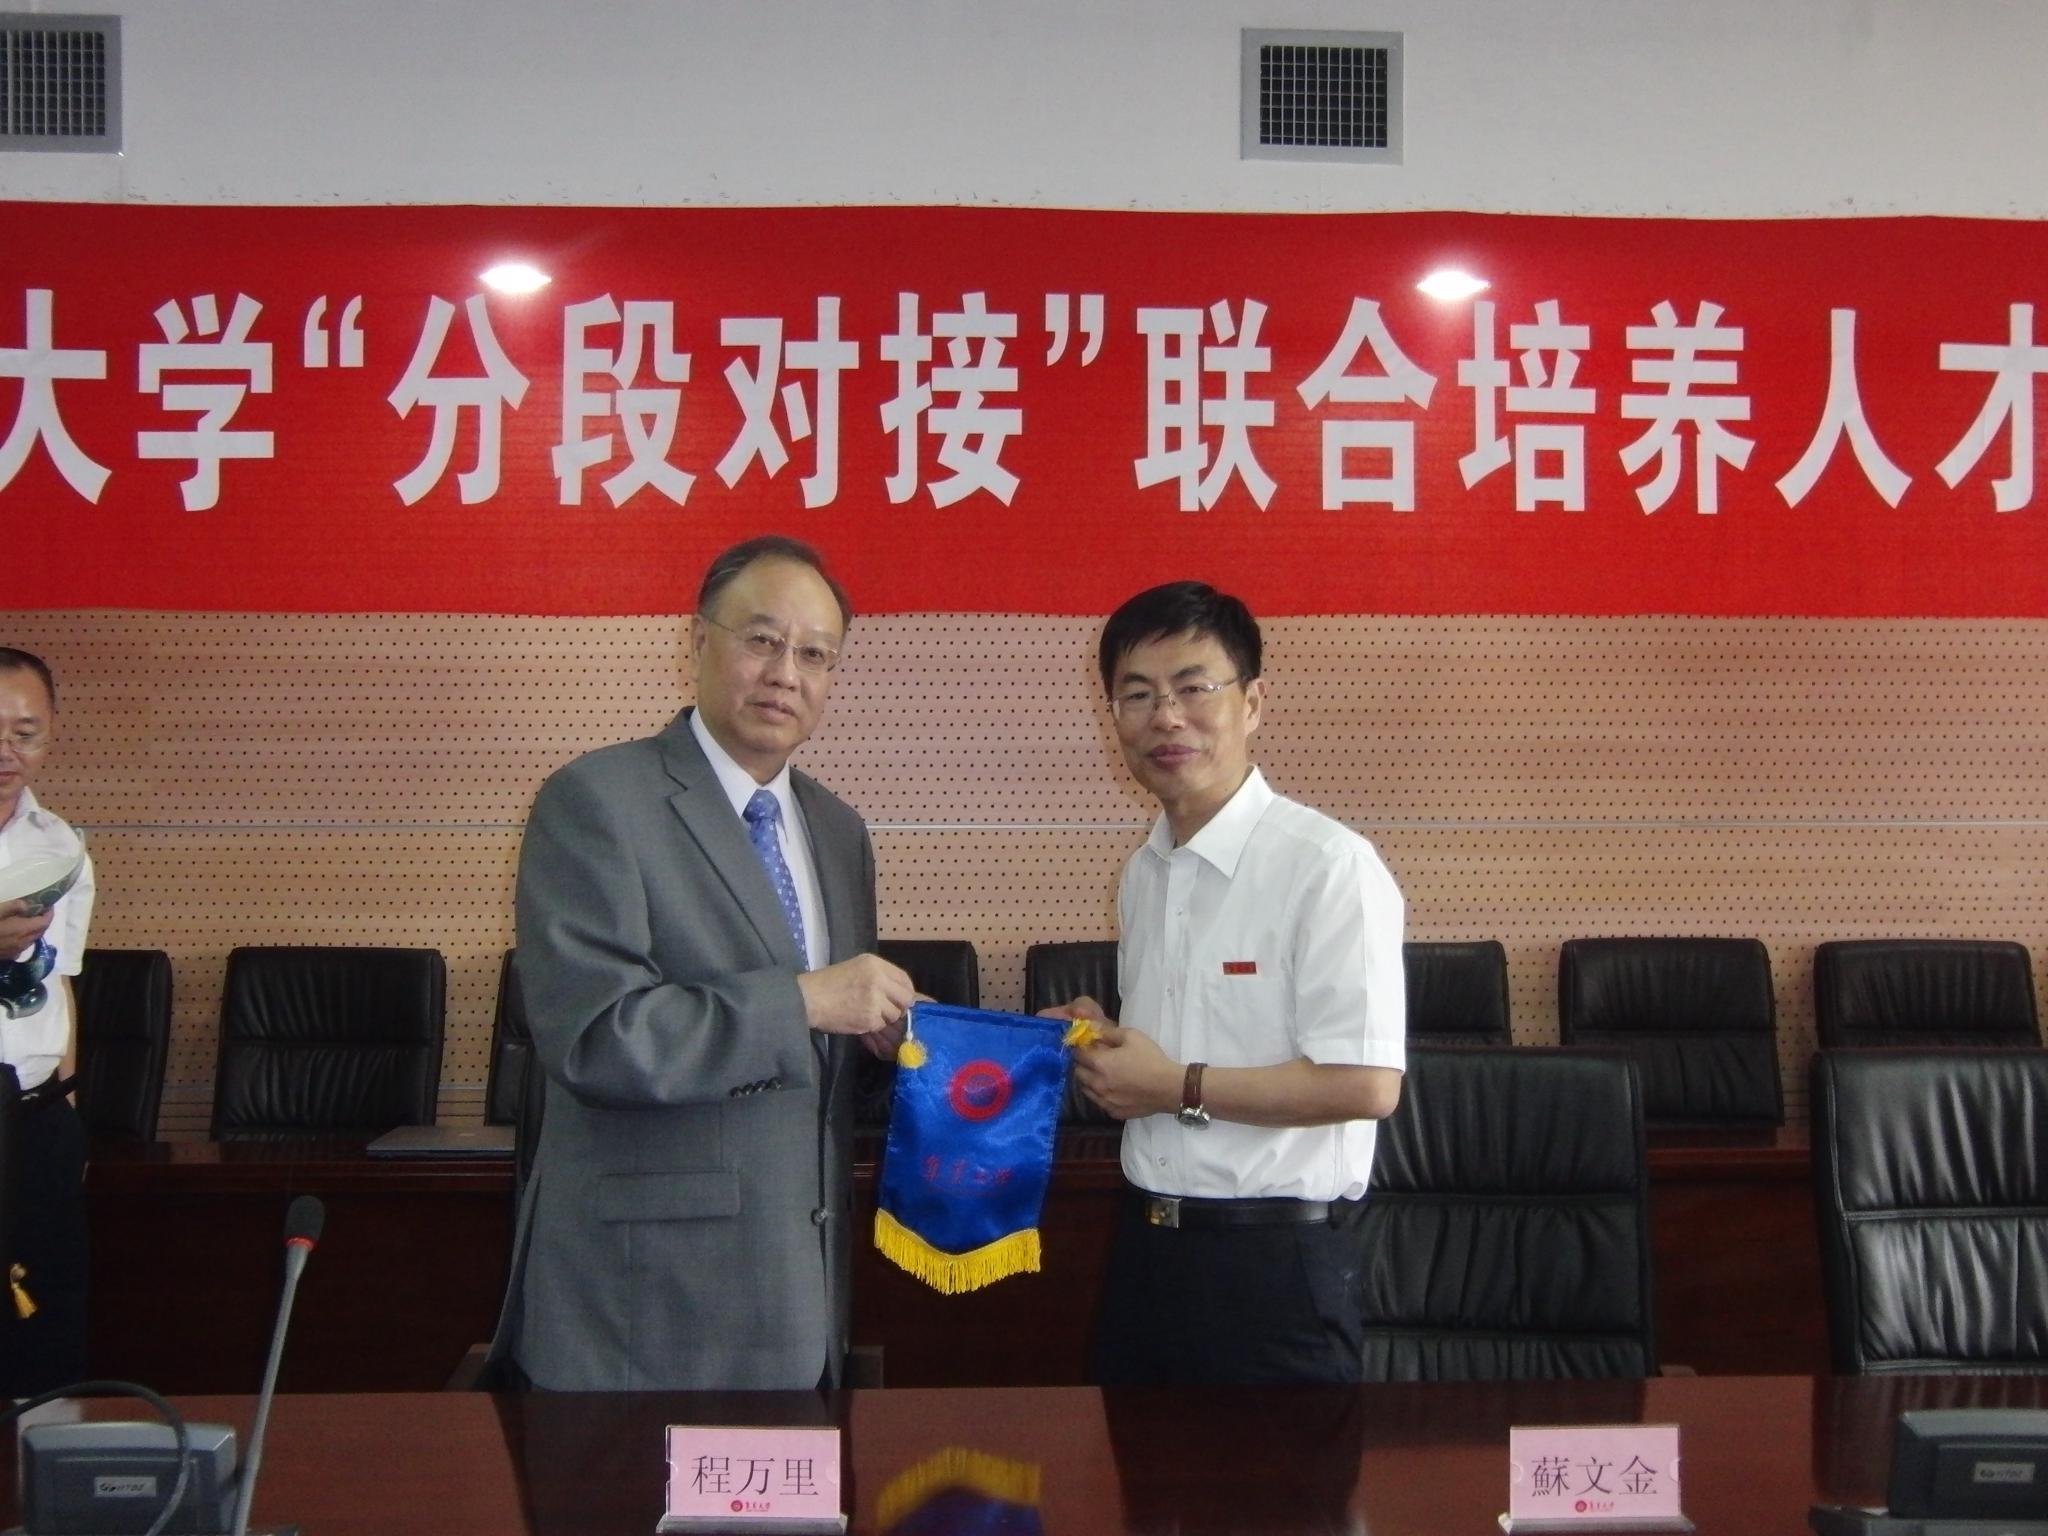 中原大學與集美大學簽約 奠定兩校合作關係